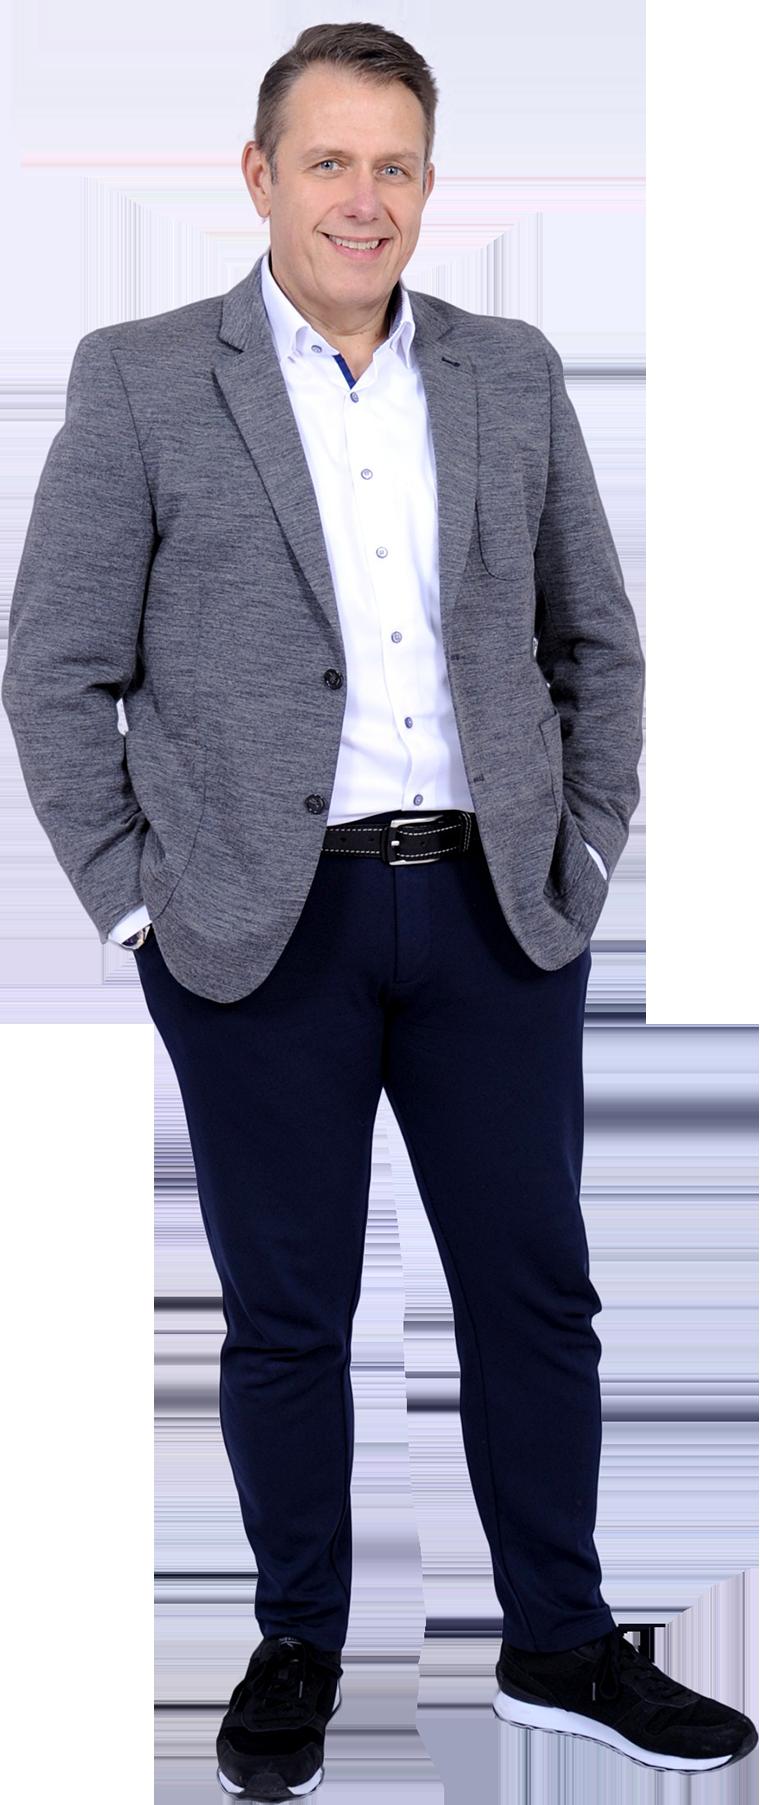 Frank Mistele, Finanzexperte in Balingen